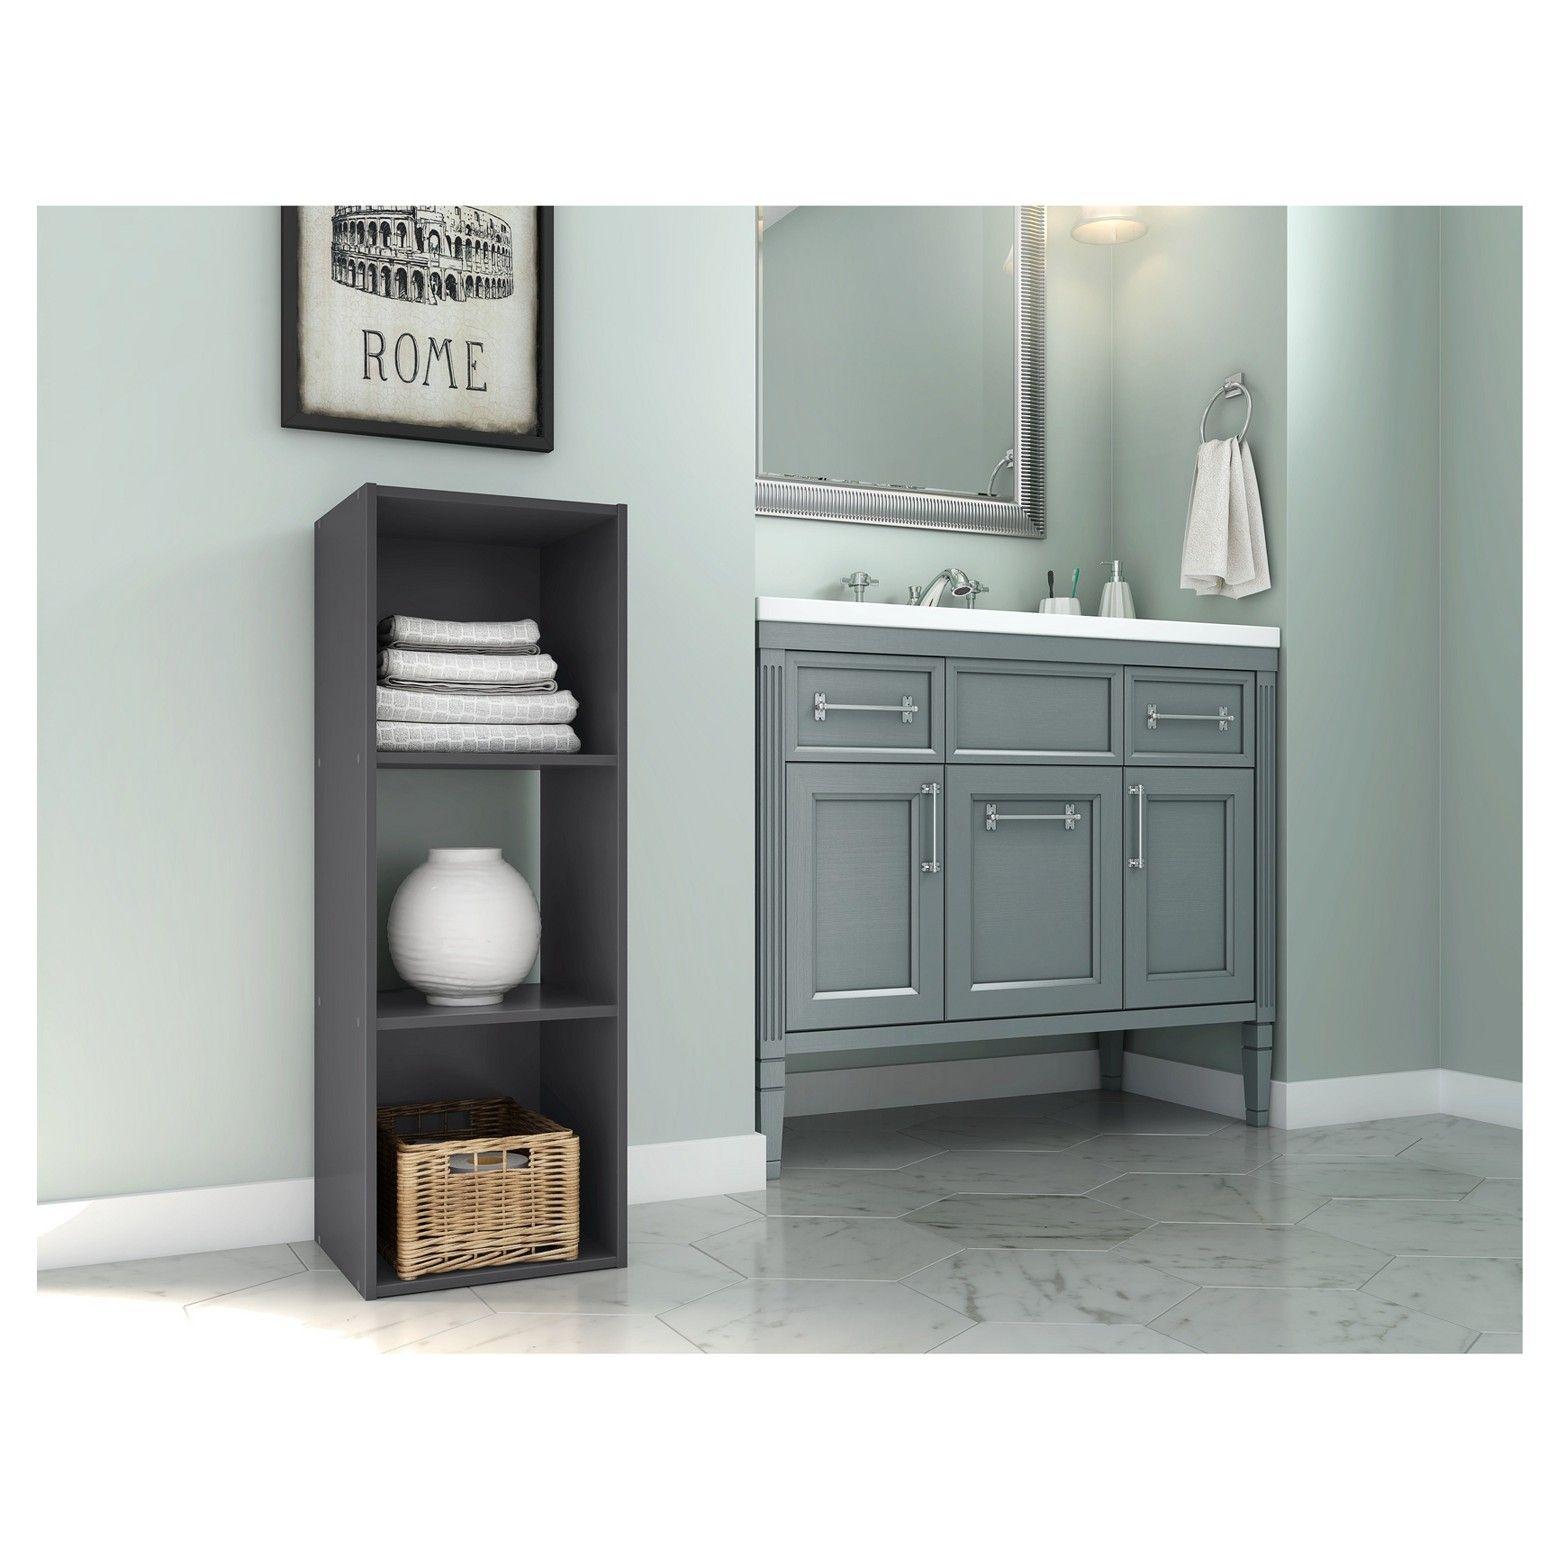 3-Cube Organizer Shelf 11